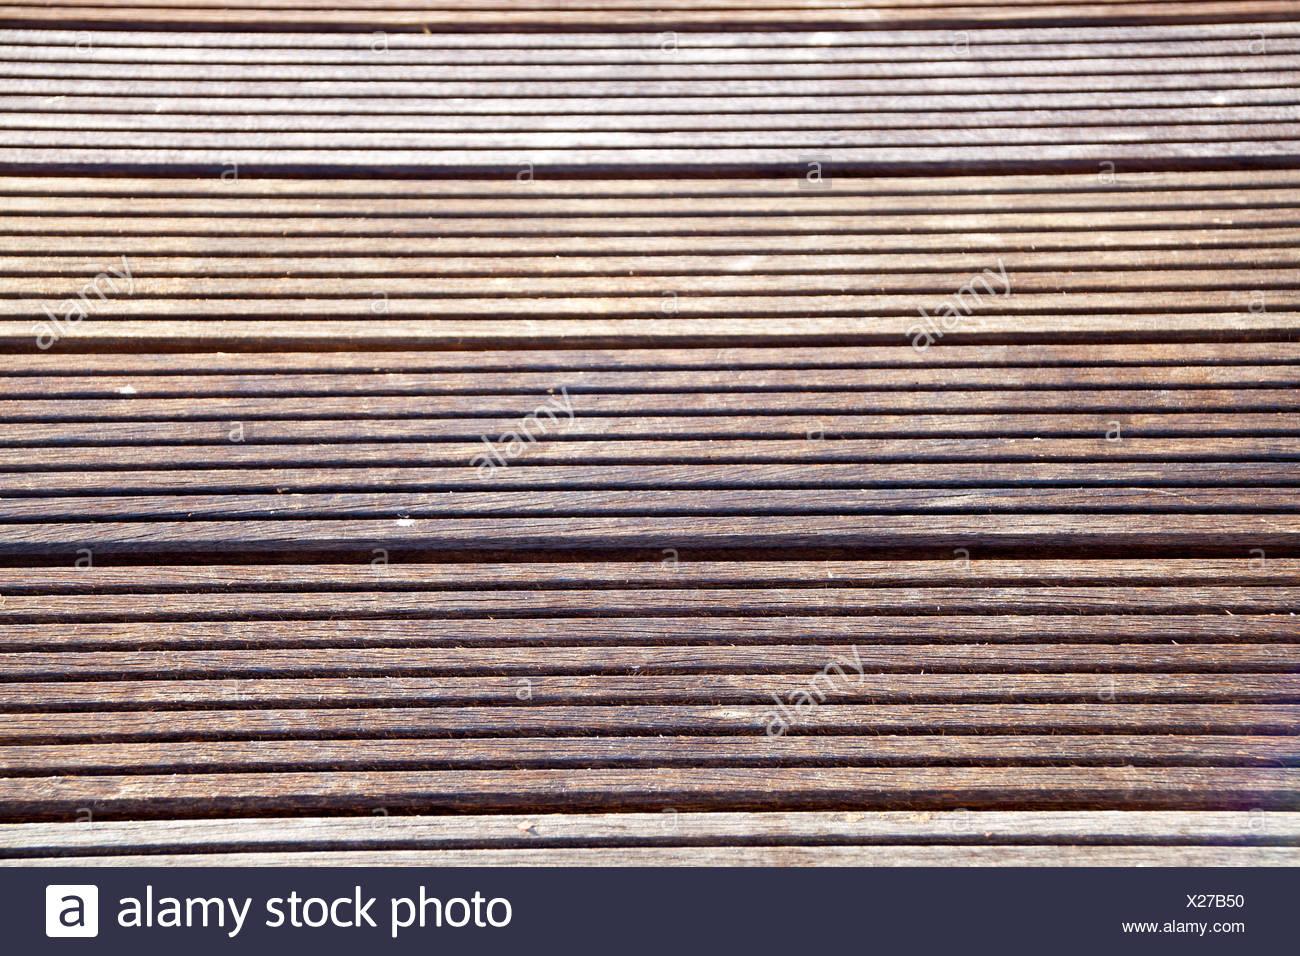 platelage robuste Photo Stock